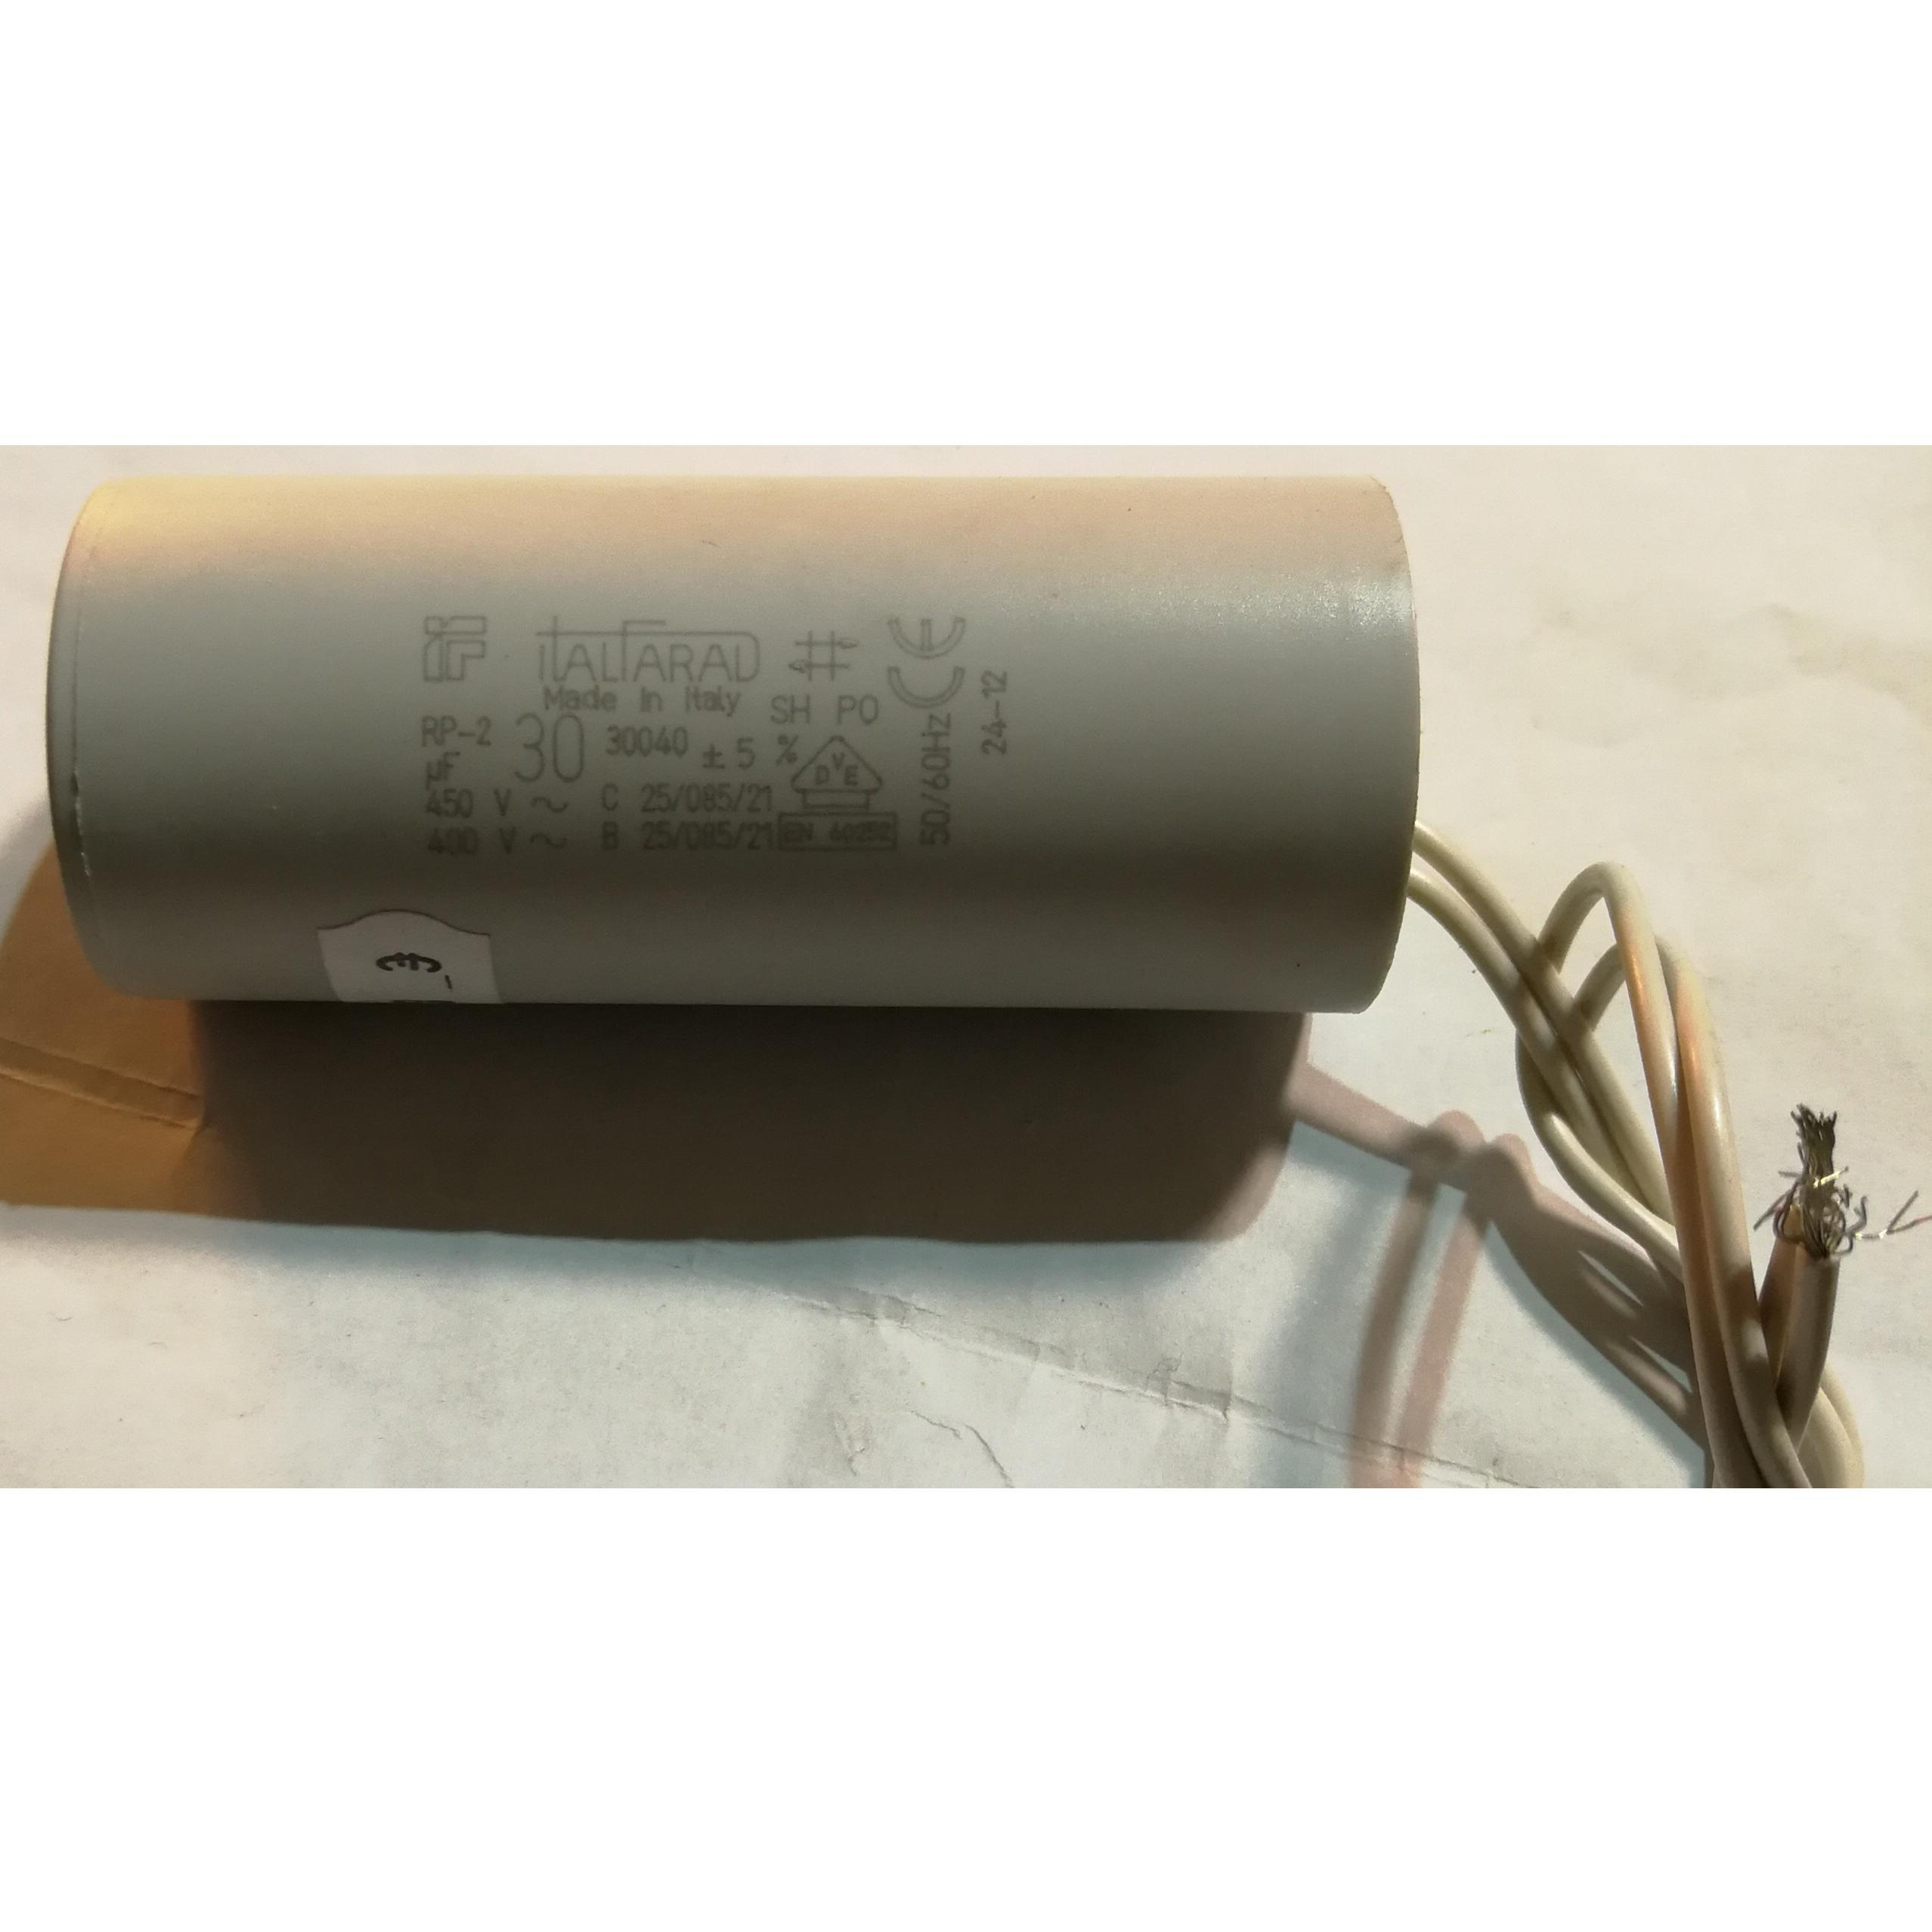 Condensatore elettrodomestici vari 30 μF ITALFARAD